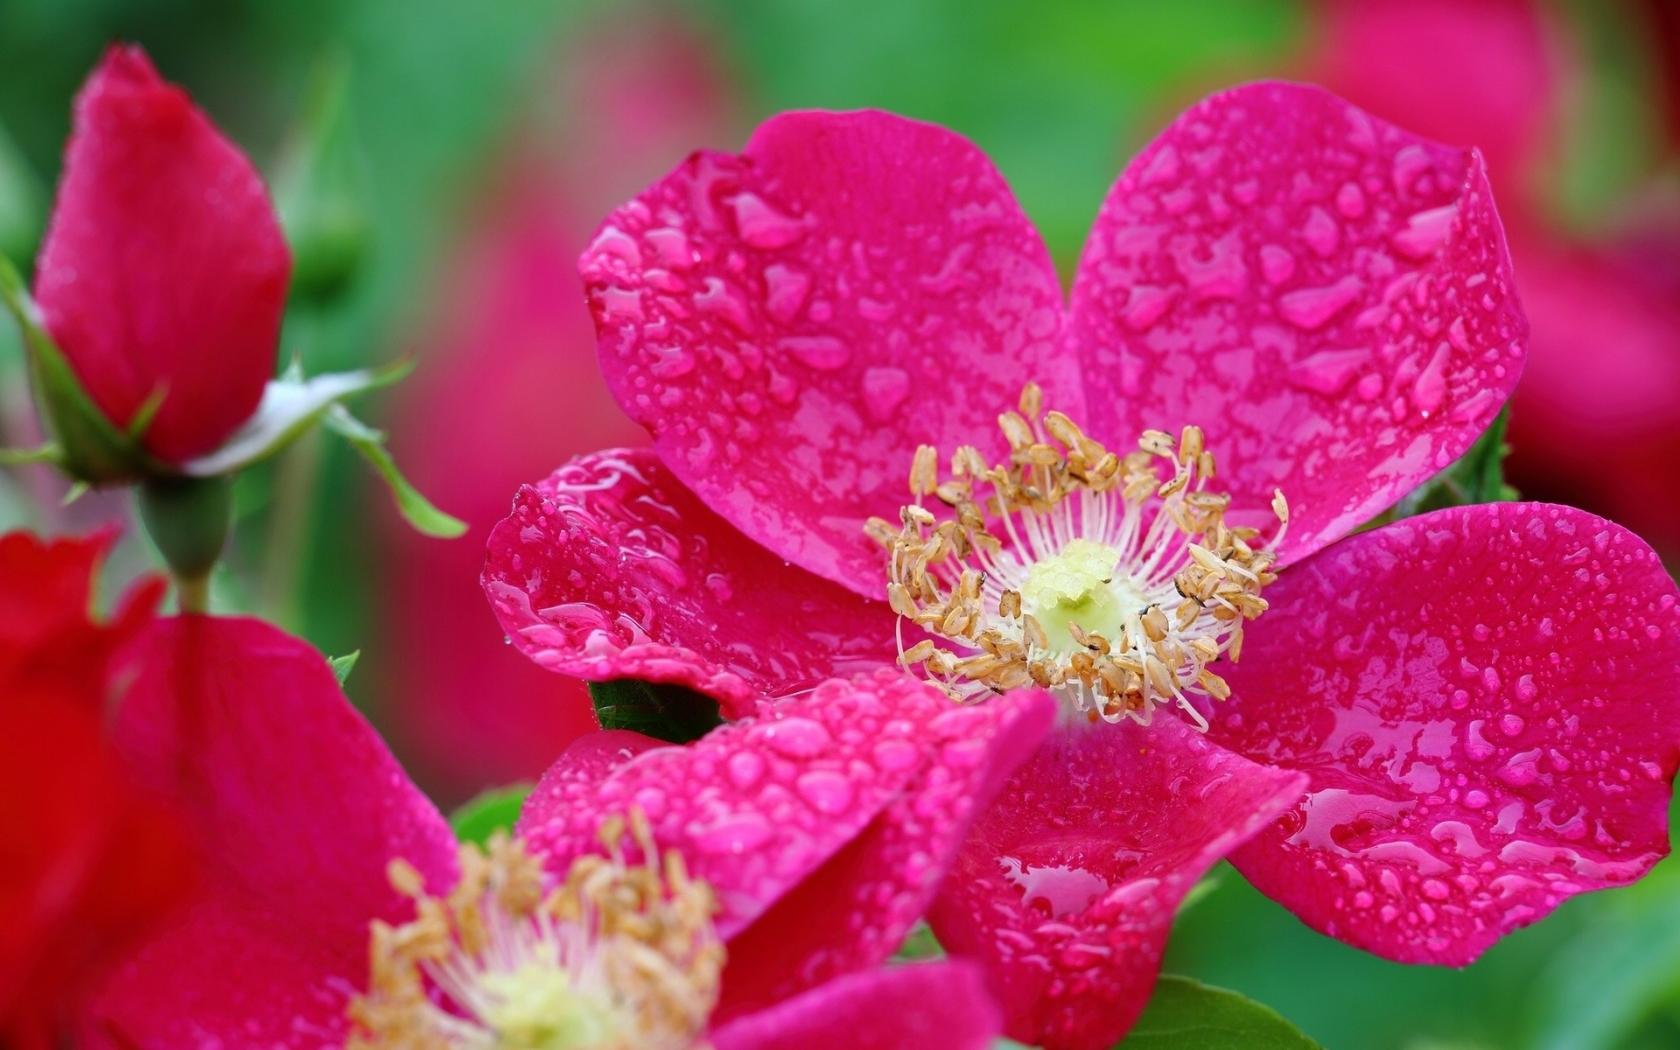 Hojas de flores rosadas - 1680x1050